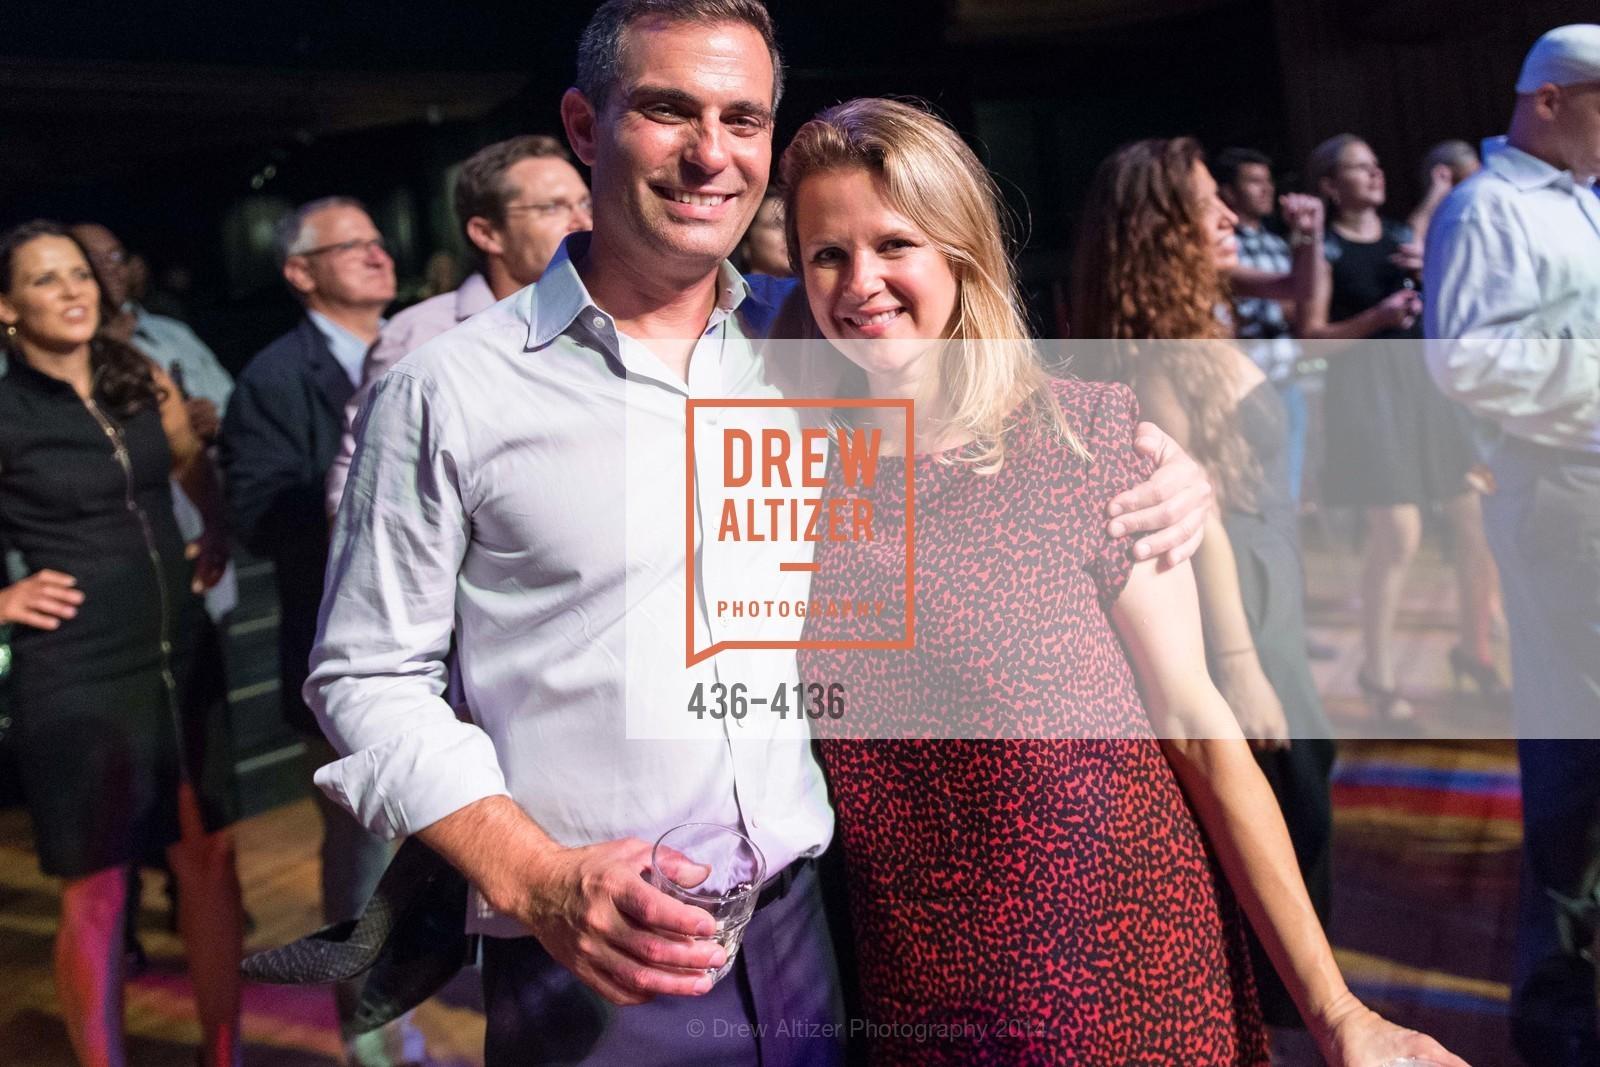 Dan Rose, Allison Rose, Photo #436-4136